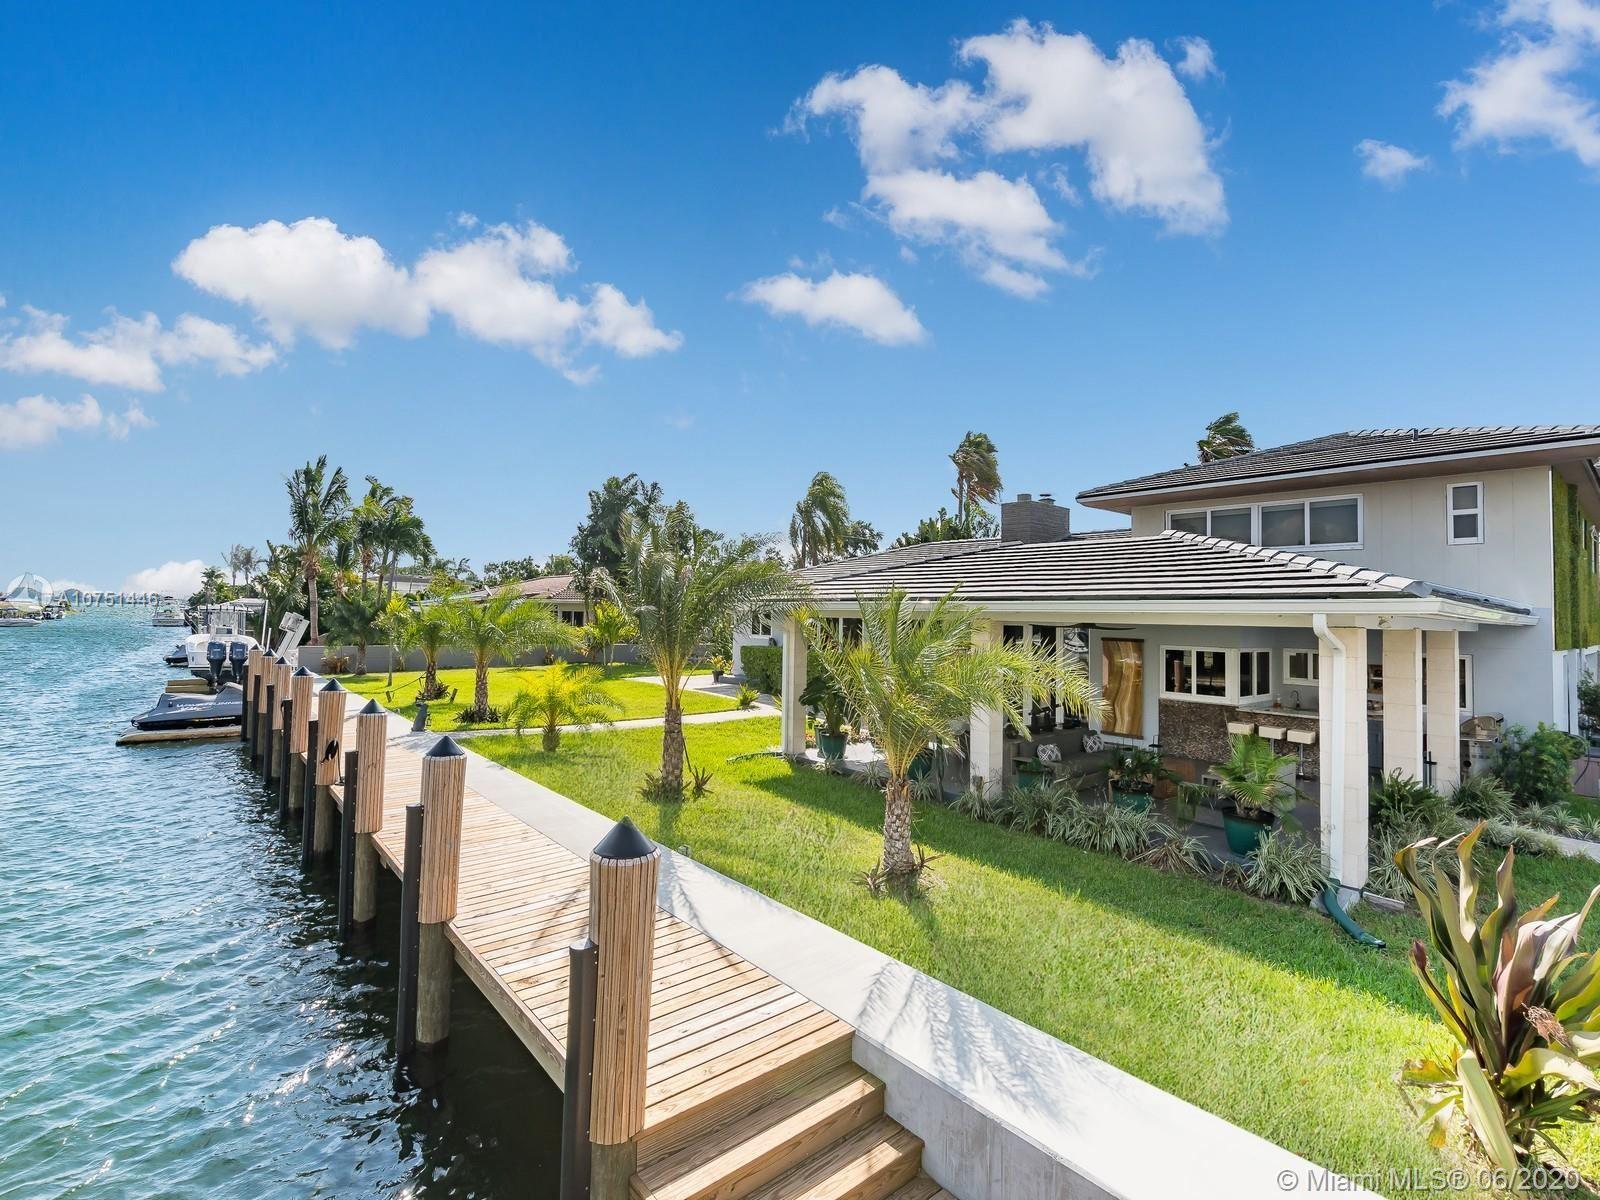 1481 NE 104th St, Miami Shores, FL 33138 - MLS#: A10751446